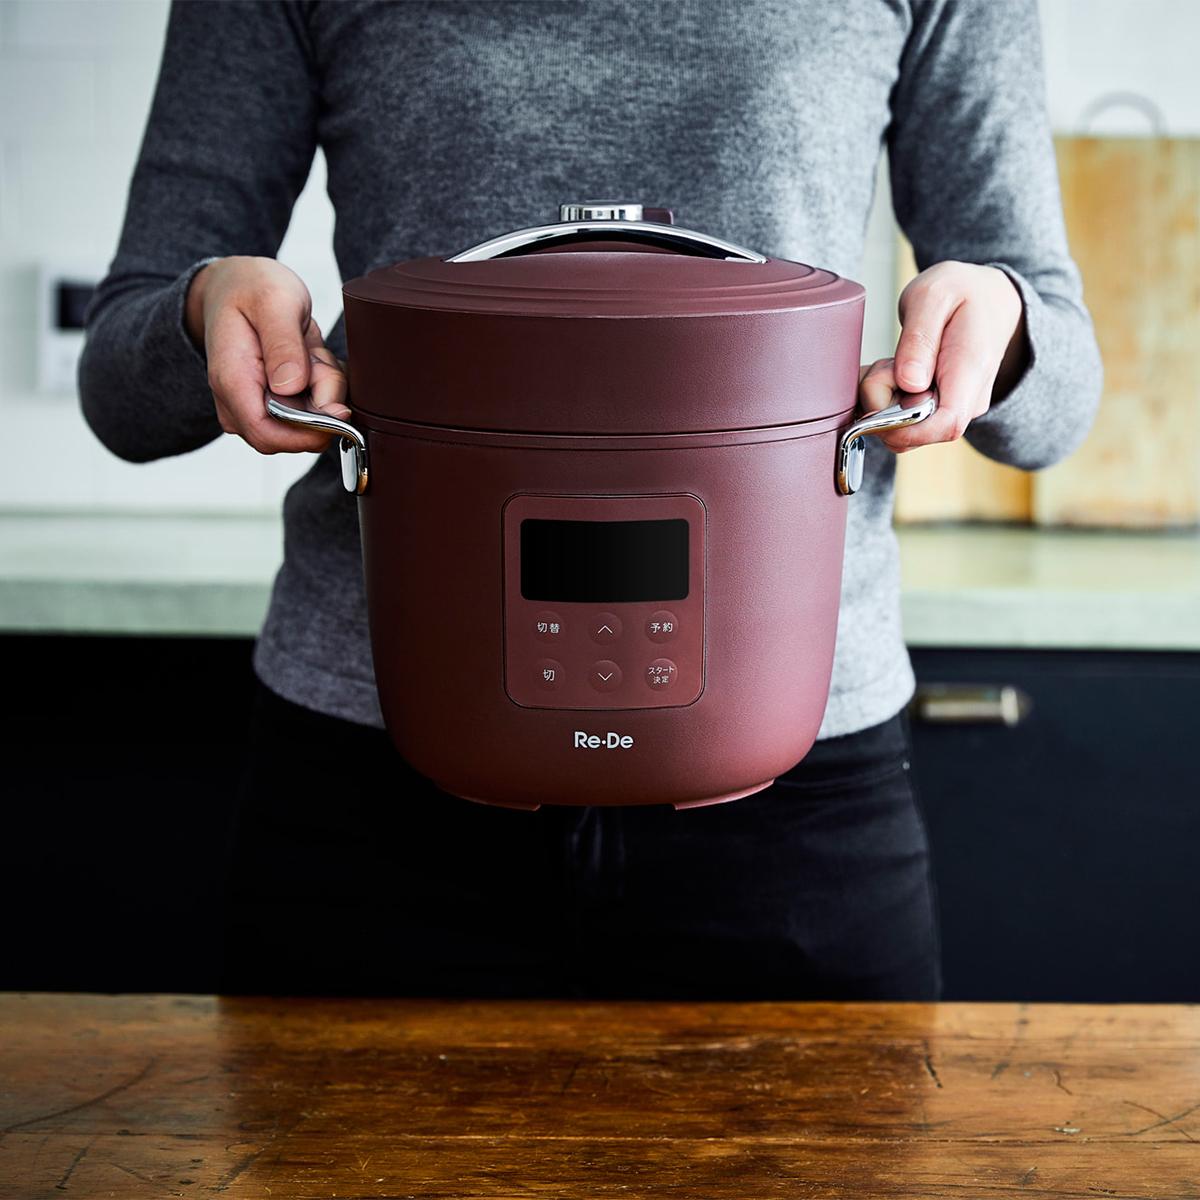 棚に収納しなくても、キッチンにそのまま置いておけるビジュアル。持ち運びも楽。肉はジューシーに、ジャガイモはホクホクに下ごしらえ!炊飯も調理も楽チンで早い「アシスト調理器・電気圧力鍋」|Re-De Pot(リデ ポット)